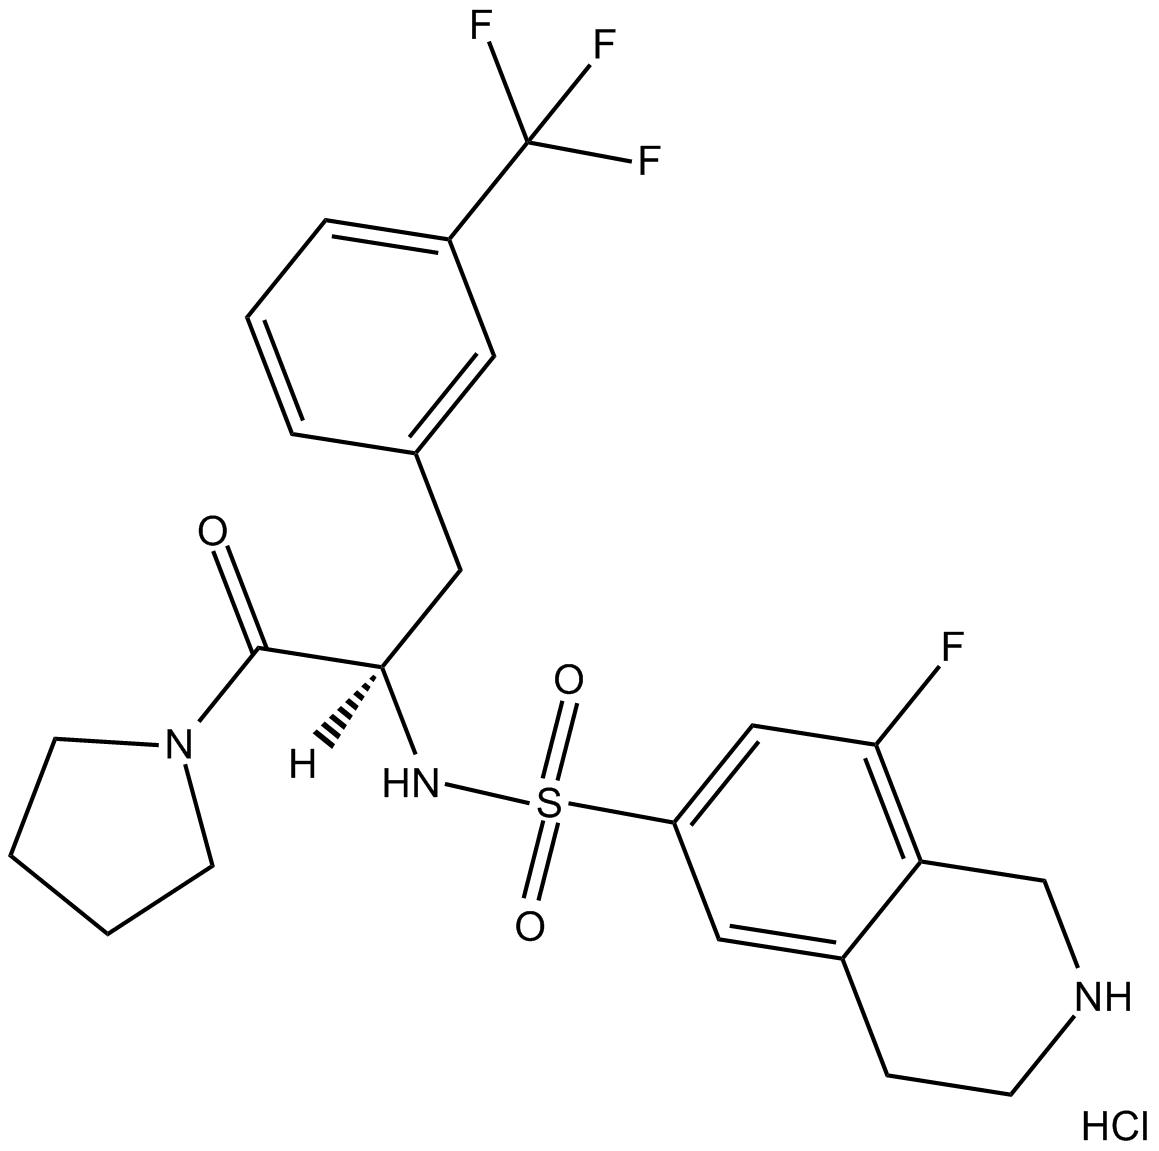 (R)-PFI 2 hydrochloride